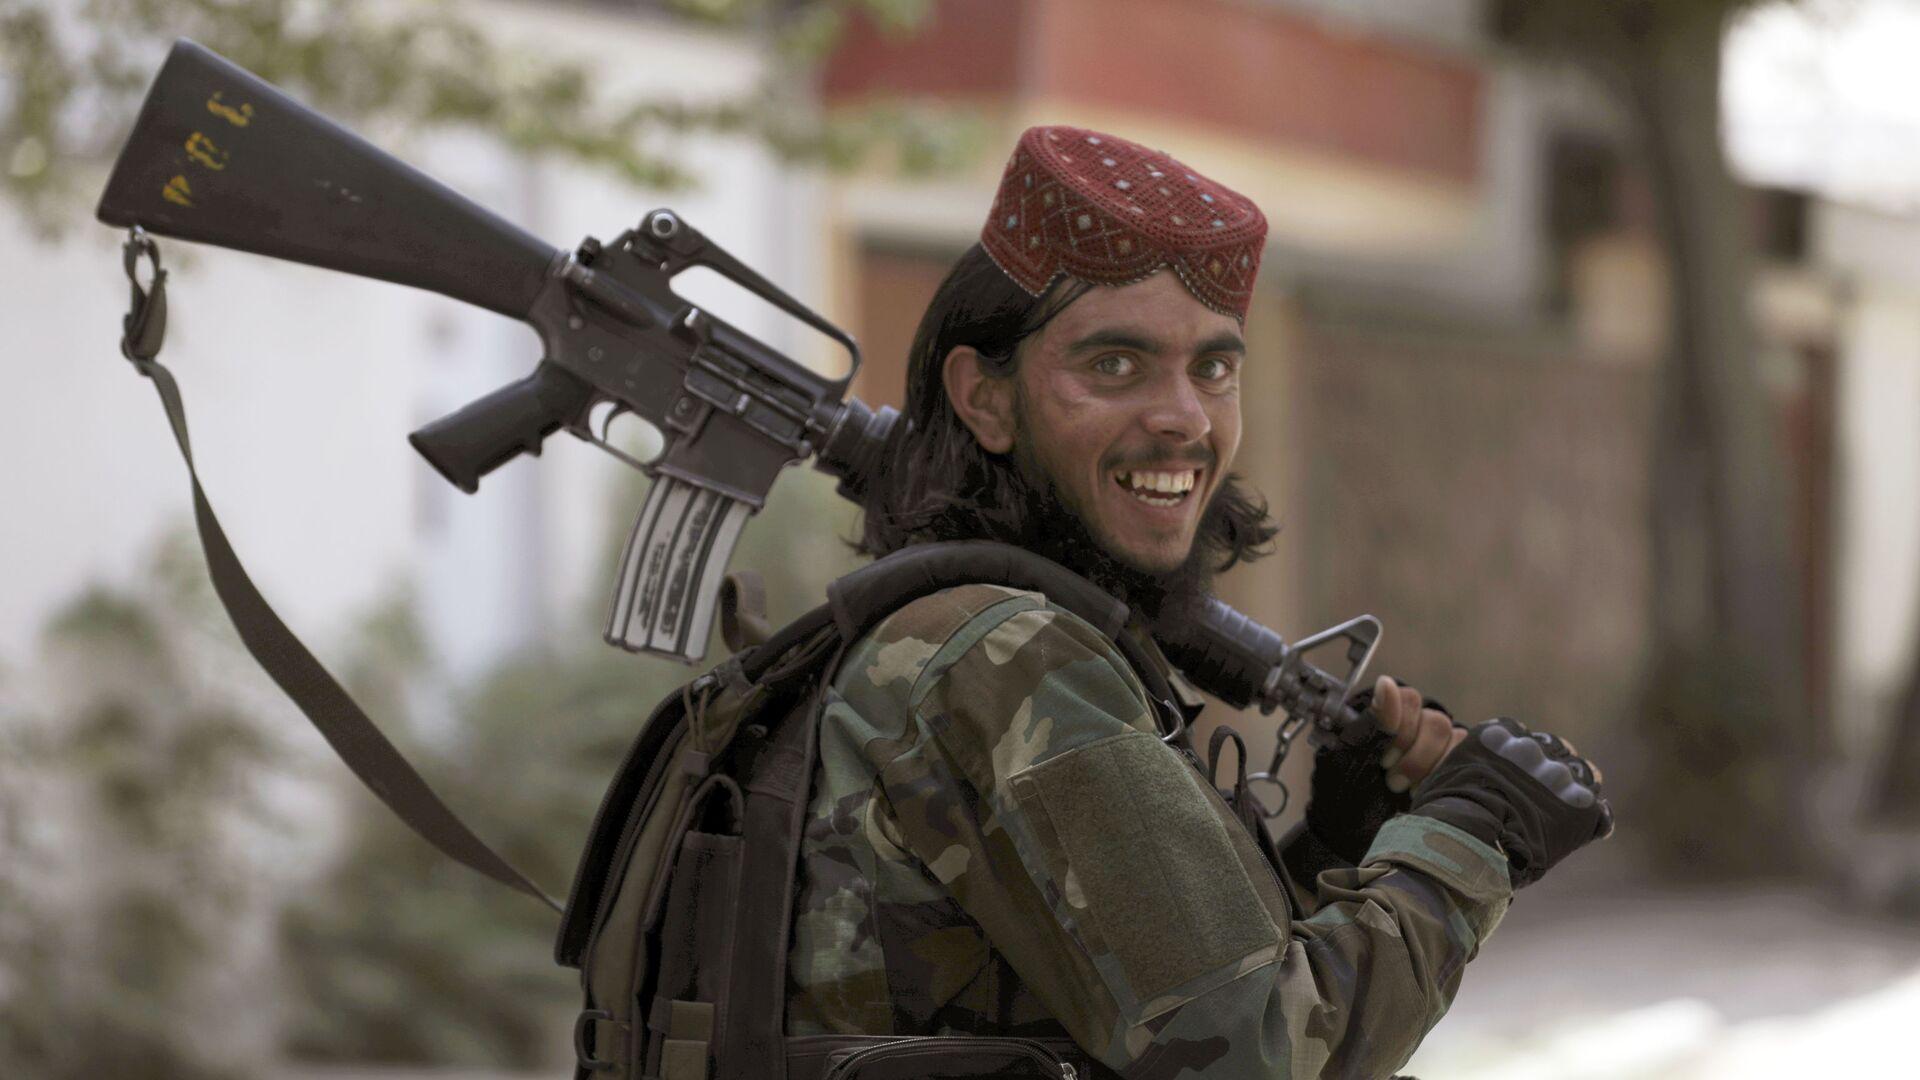 Талибы с оружием патрулируют улицы в Кабуле, Афганистан - Sputnik Грузия, 1920, 07.09.2021